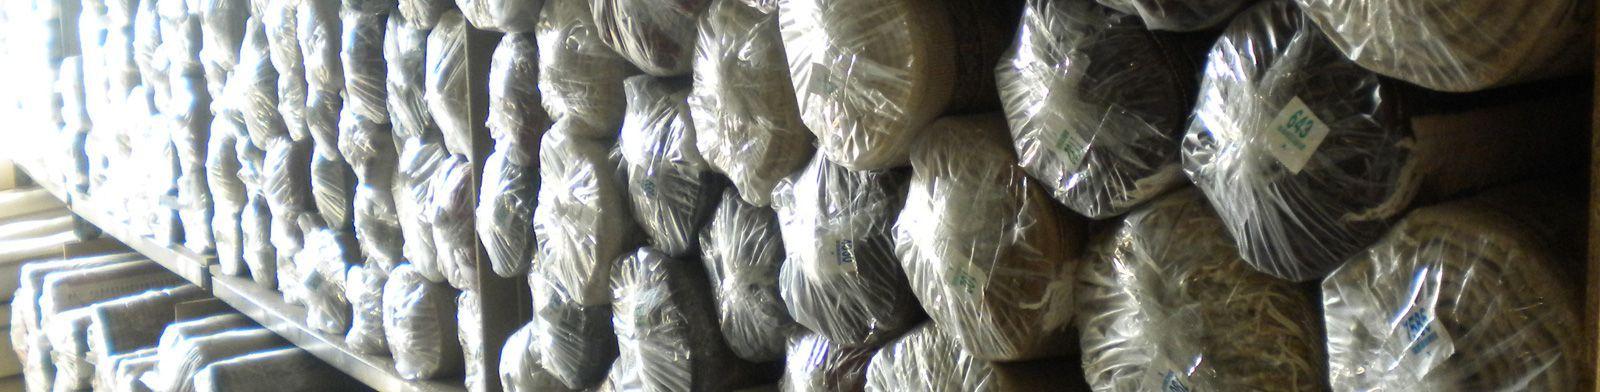 Τιμοκατάλογος Ταπητοκαθαριστηρίου - Κέντρο Καθαρισμού Χαλιών - Μοκετών